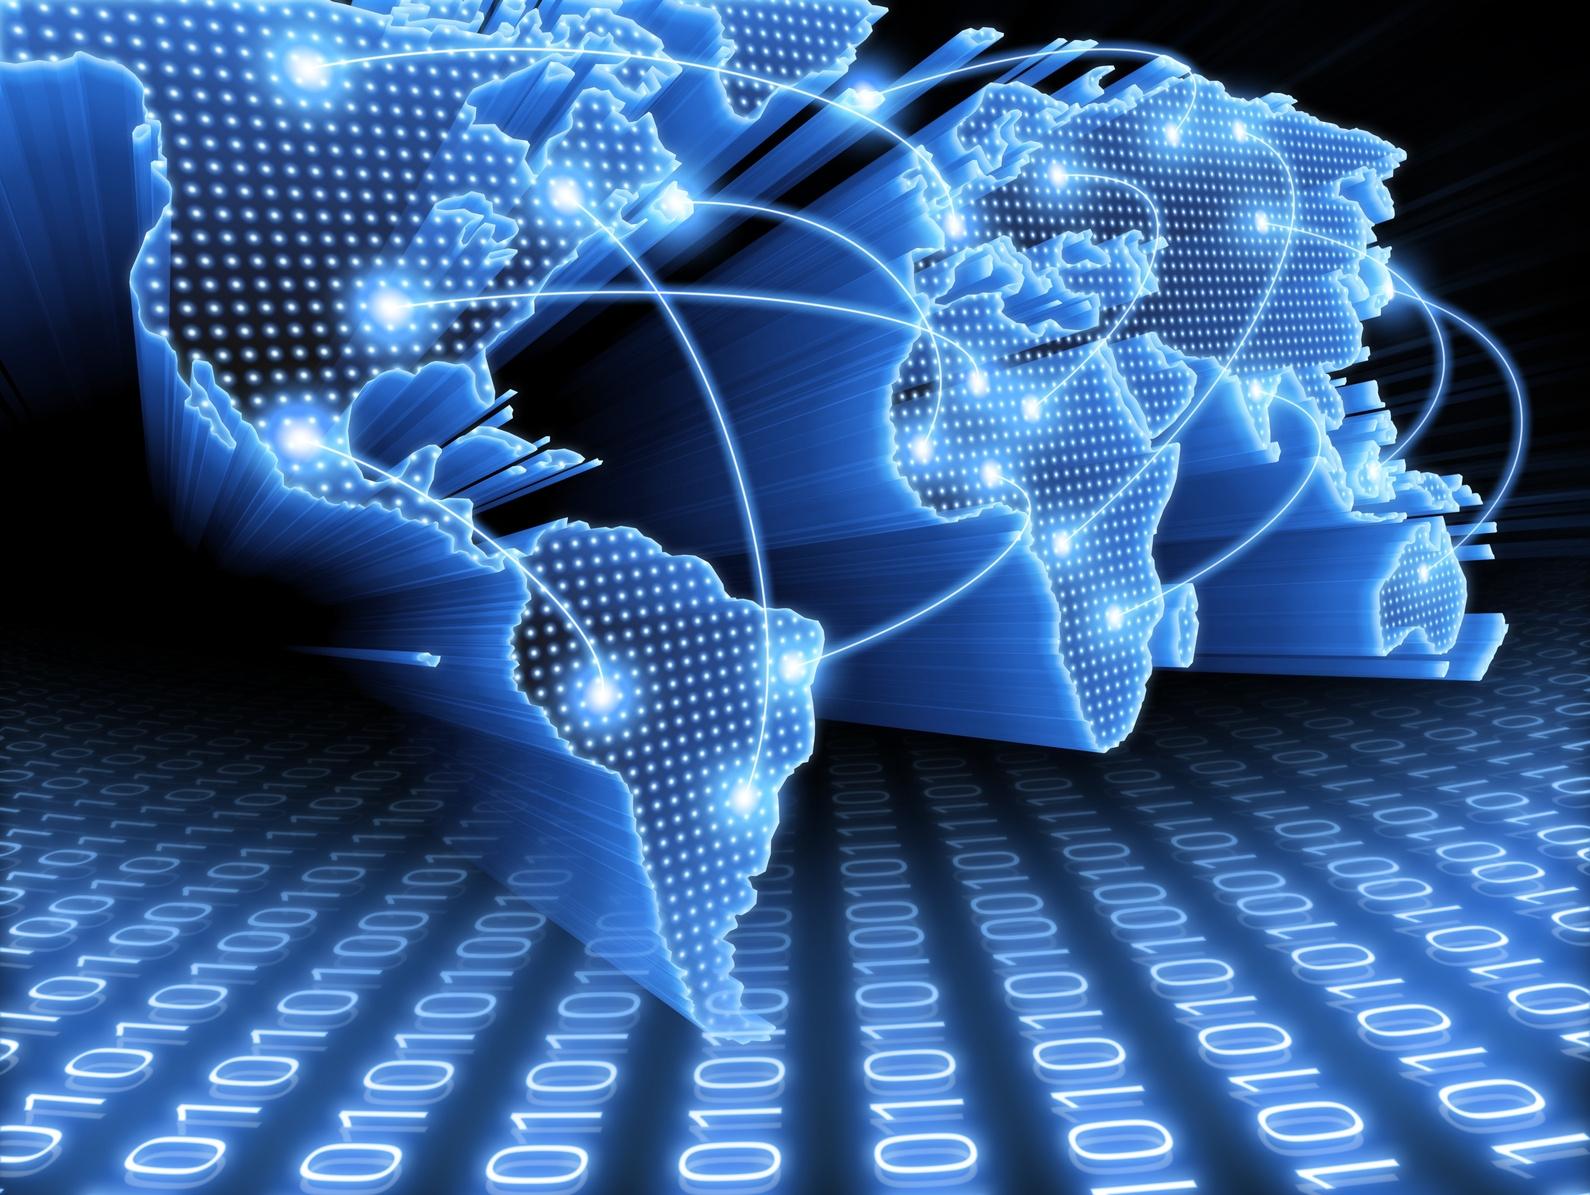 Даже в Америке не все могут позволить себе Интернет